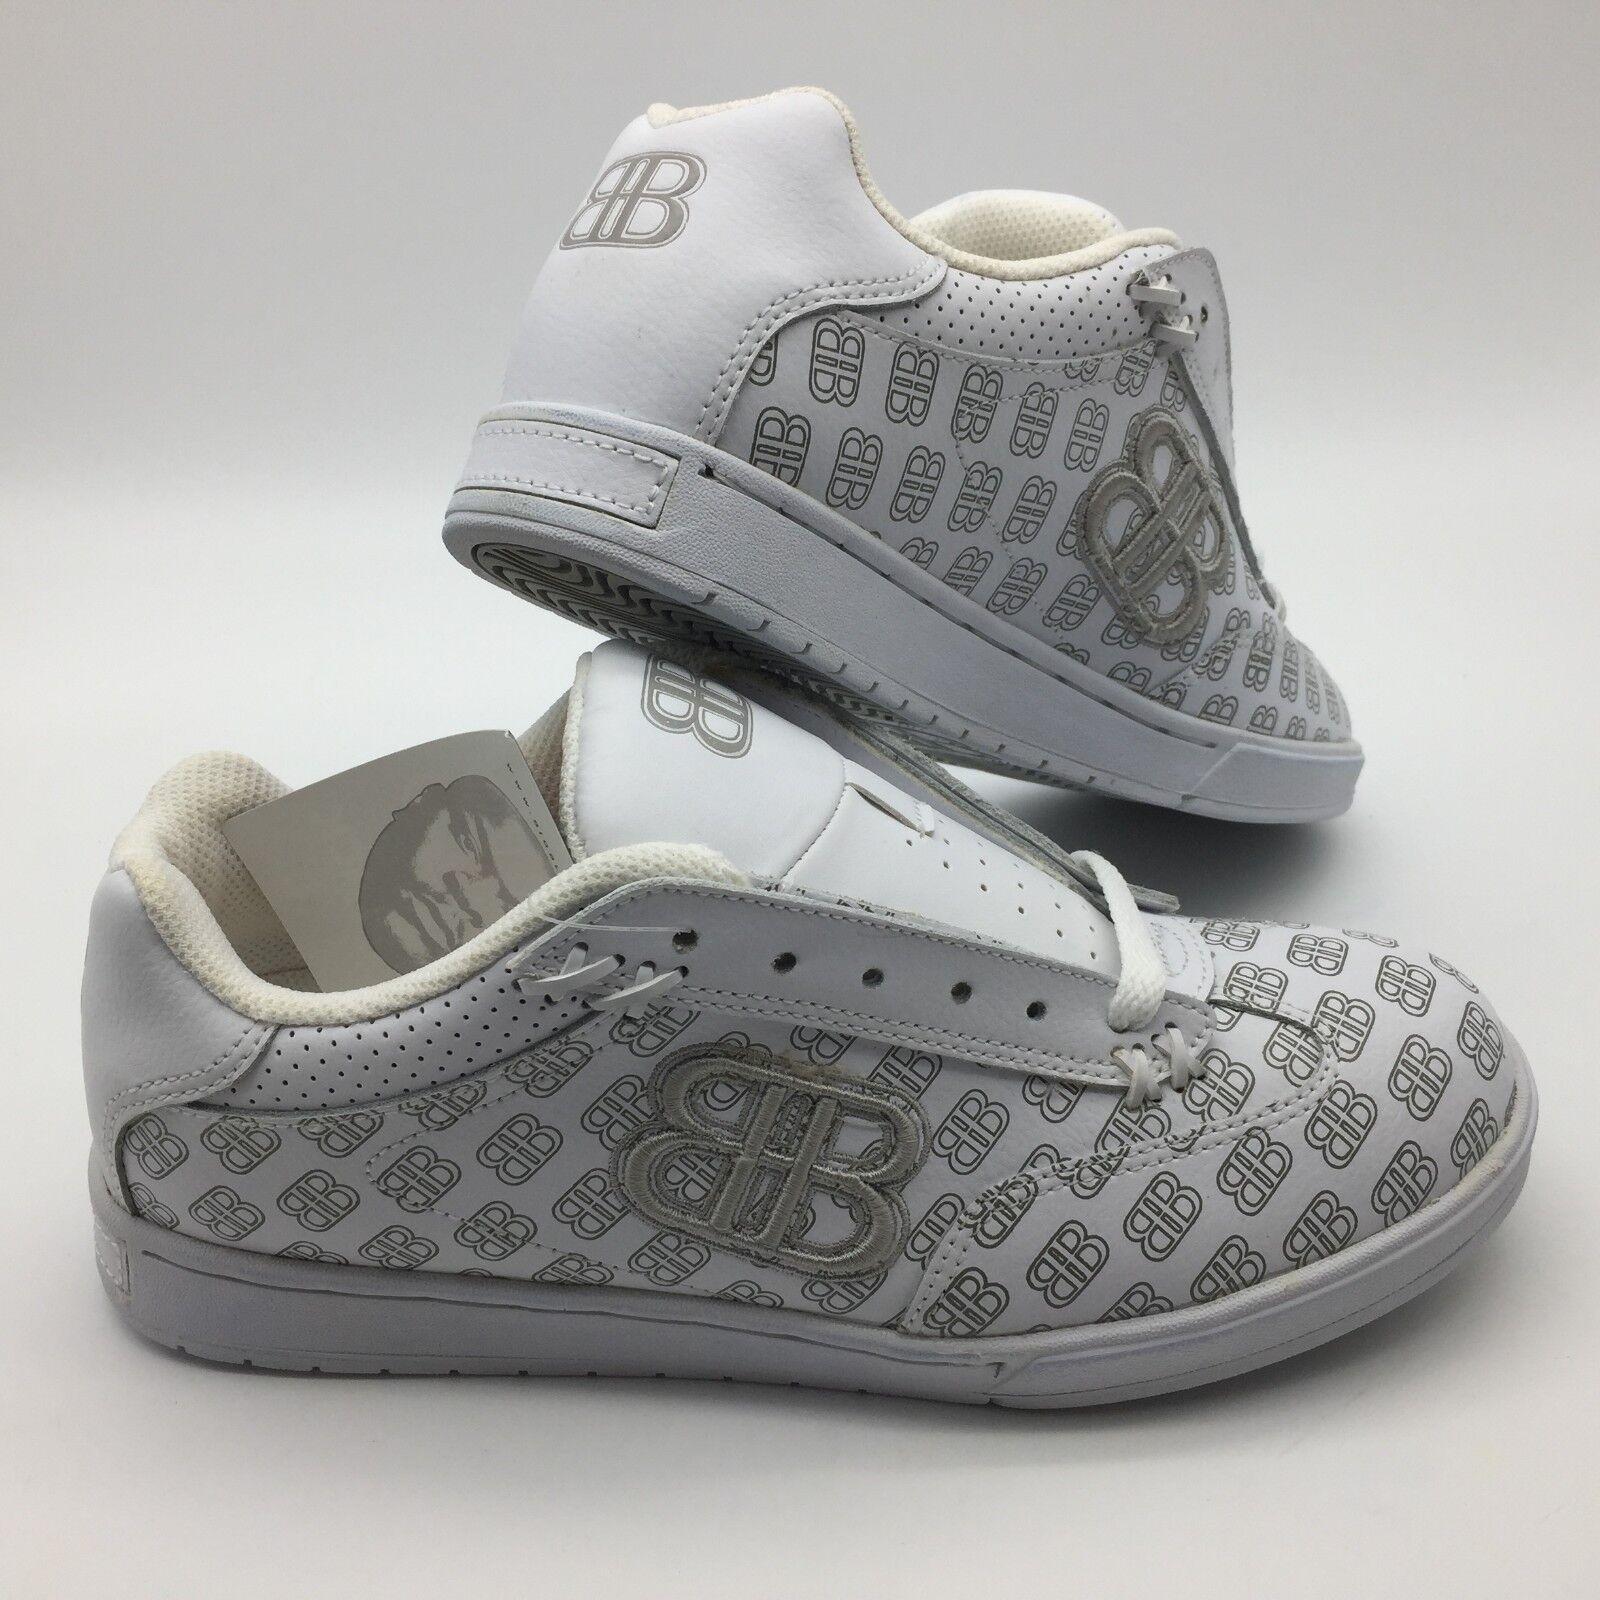 Big Black BB Men's shoes Oss --color- White Sliver